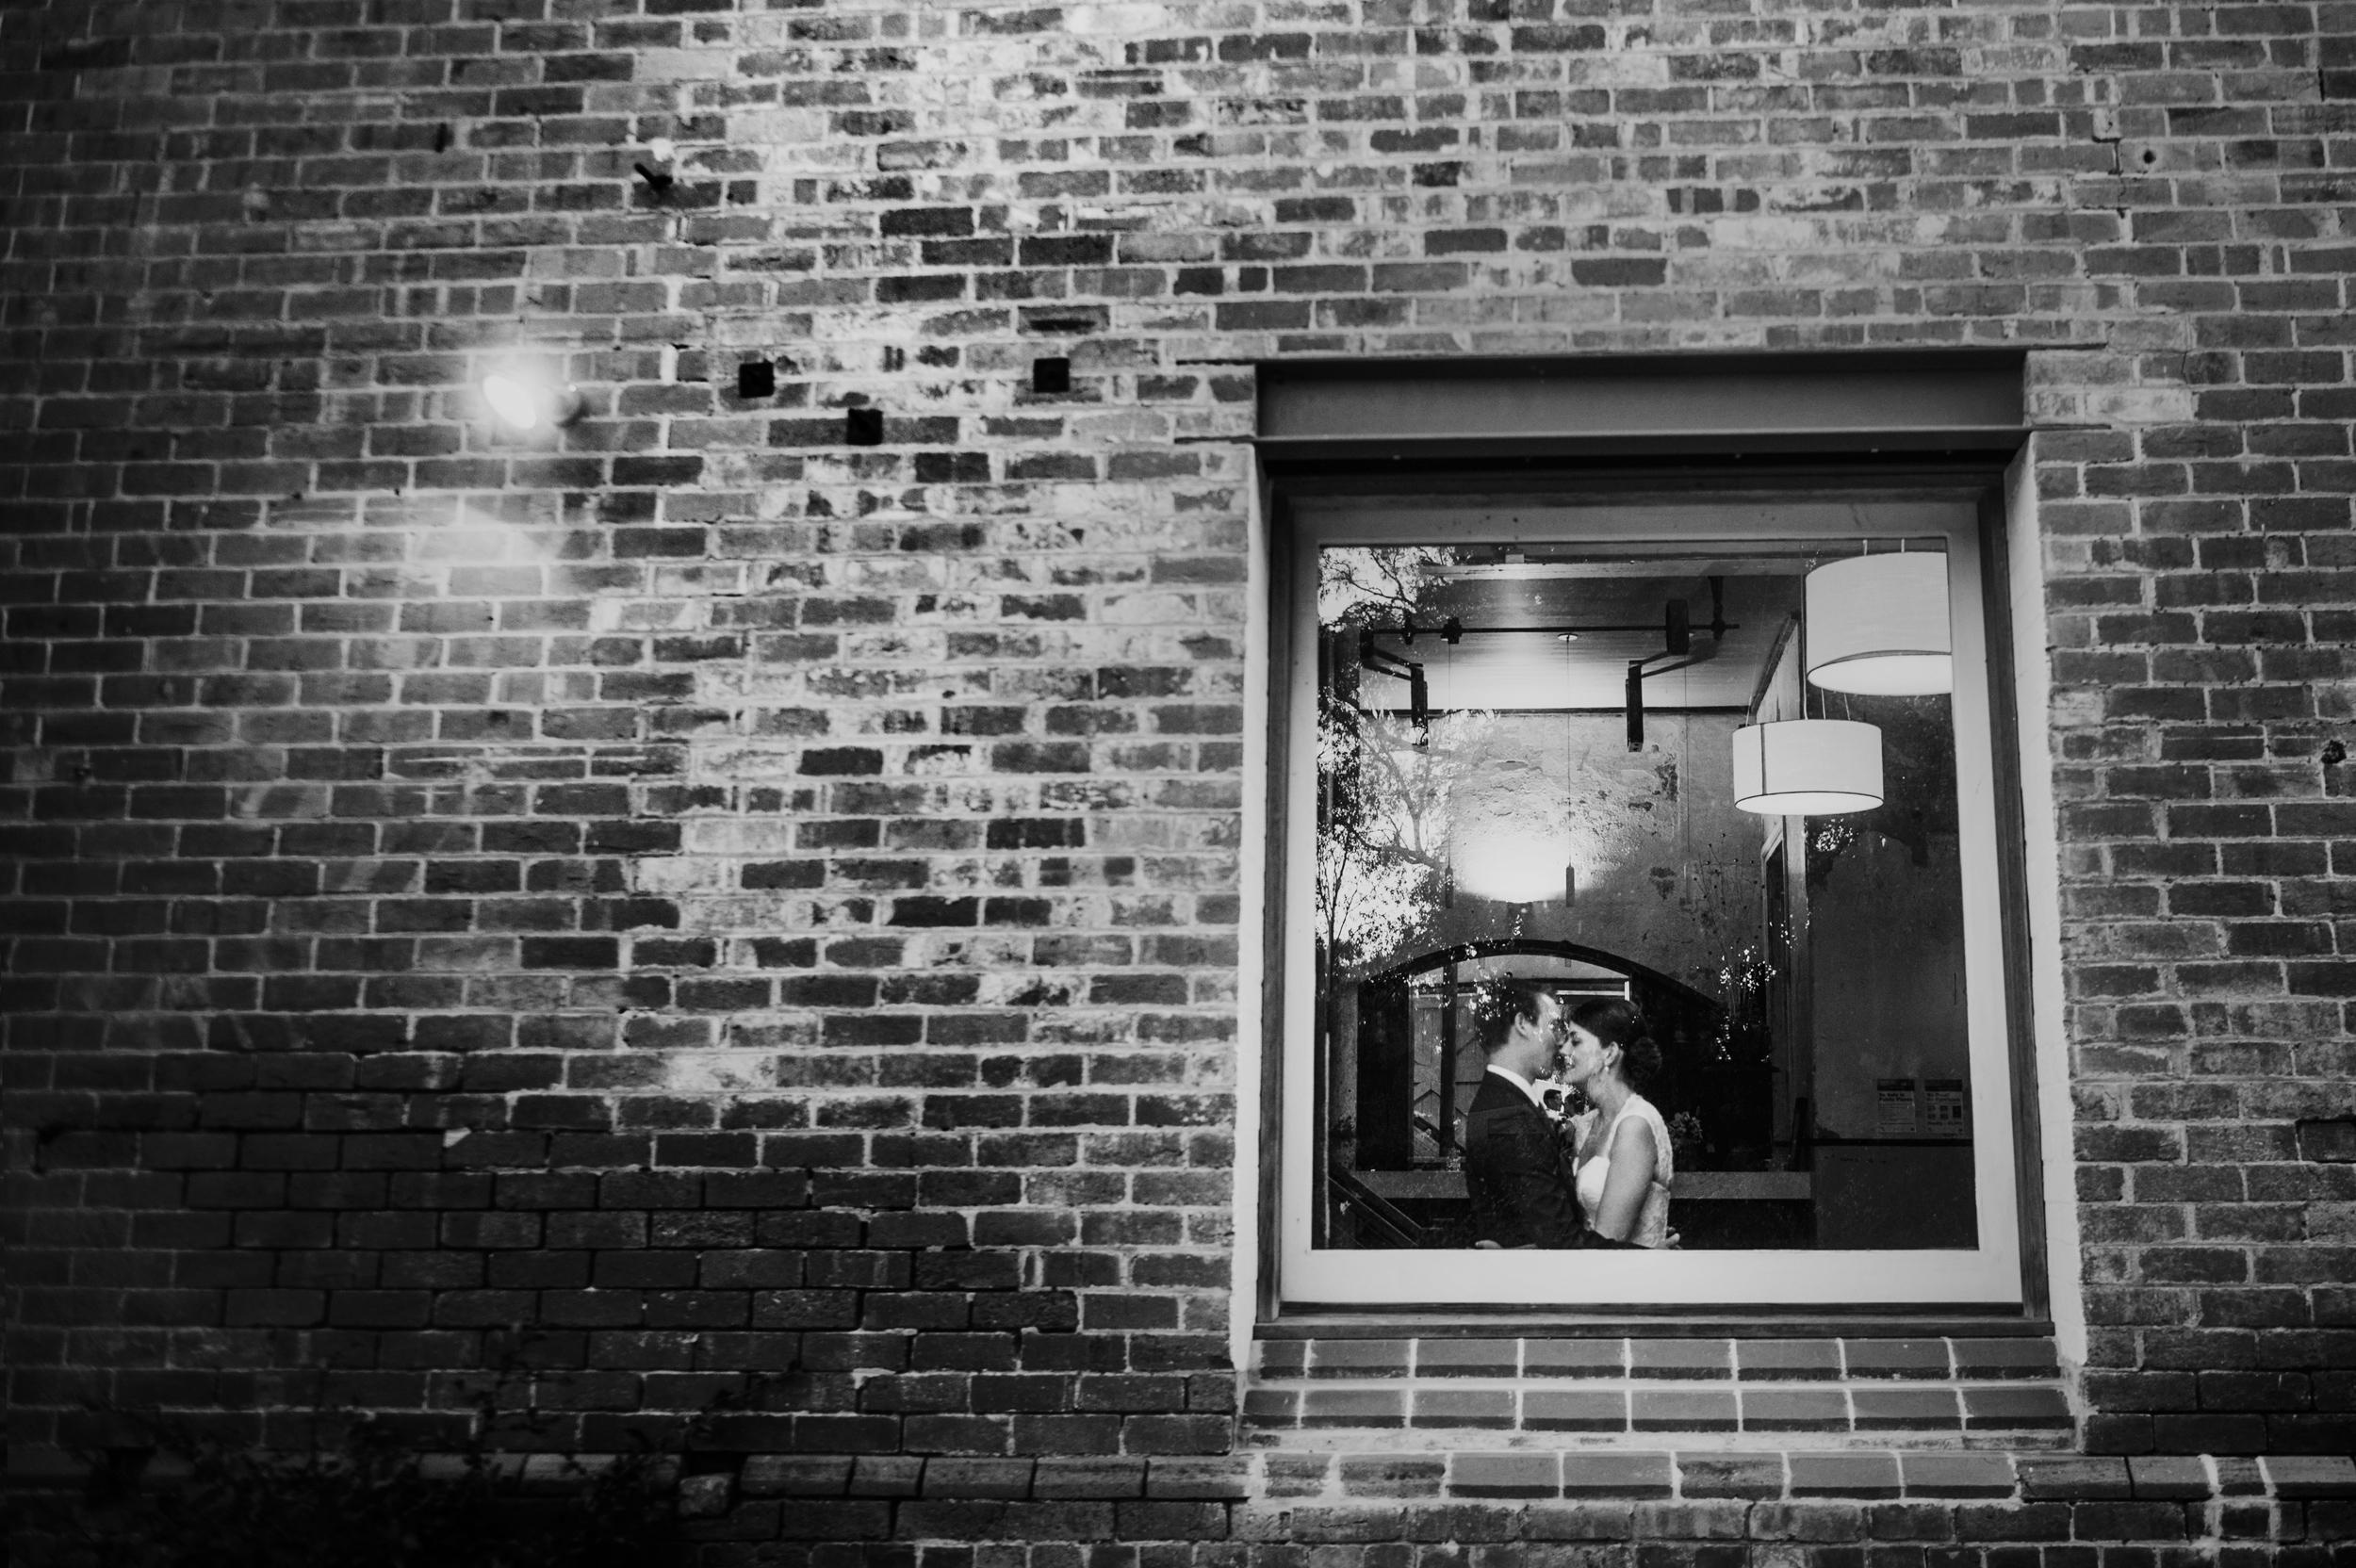 euroa_butter_factory_wedding_photography_43.jpg